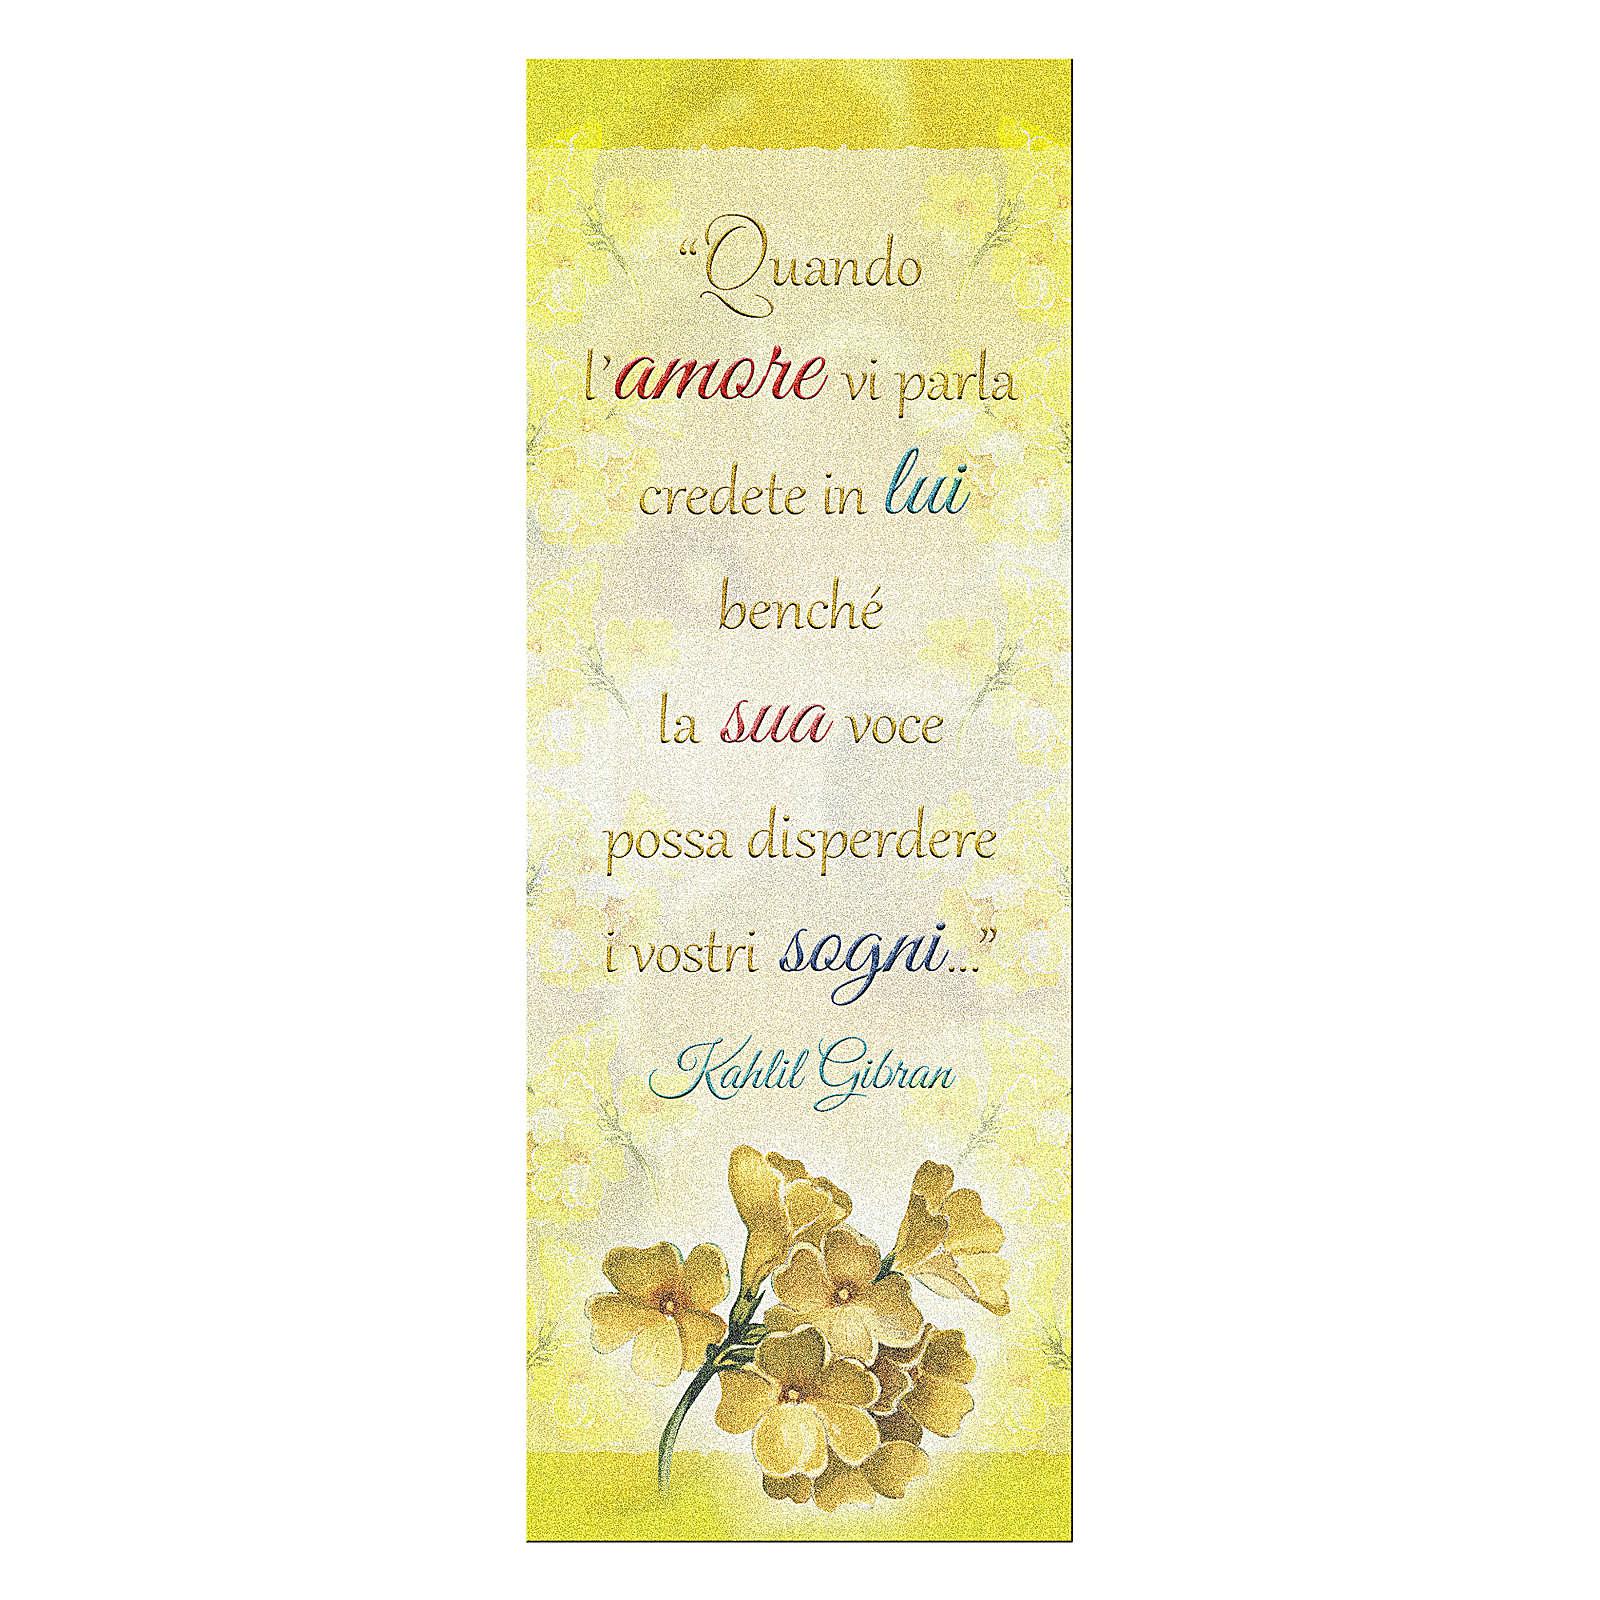 Segnalibro carta perlata Ramo Fiorito Frase Kahlil Gibran 15x5 cm 4